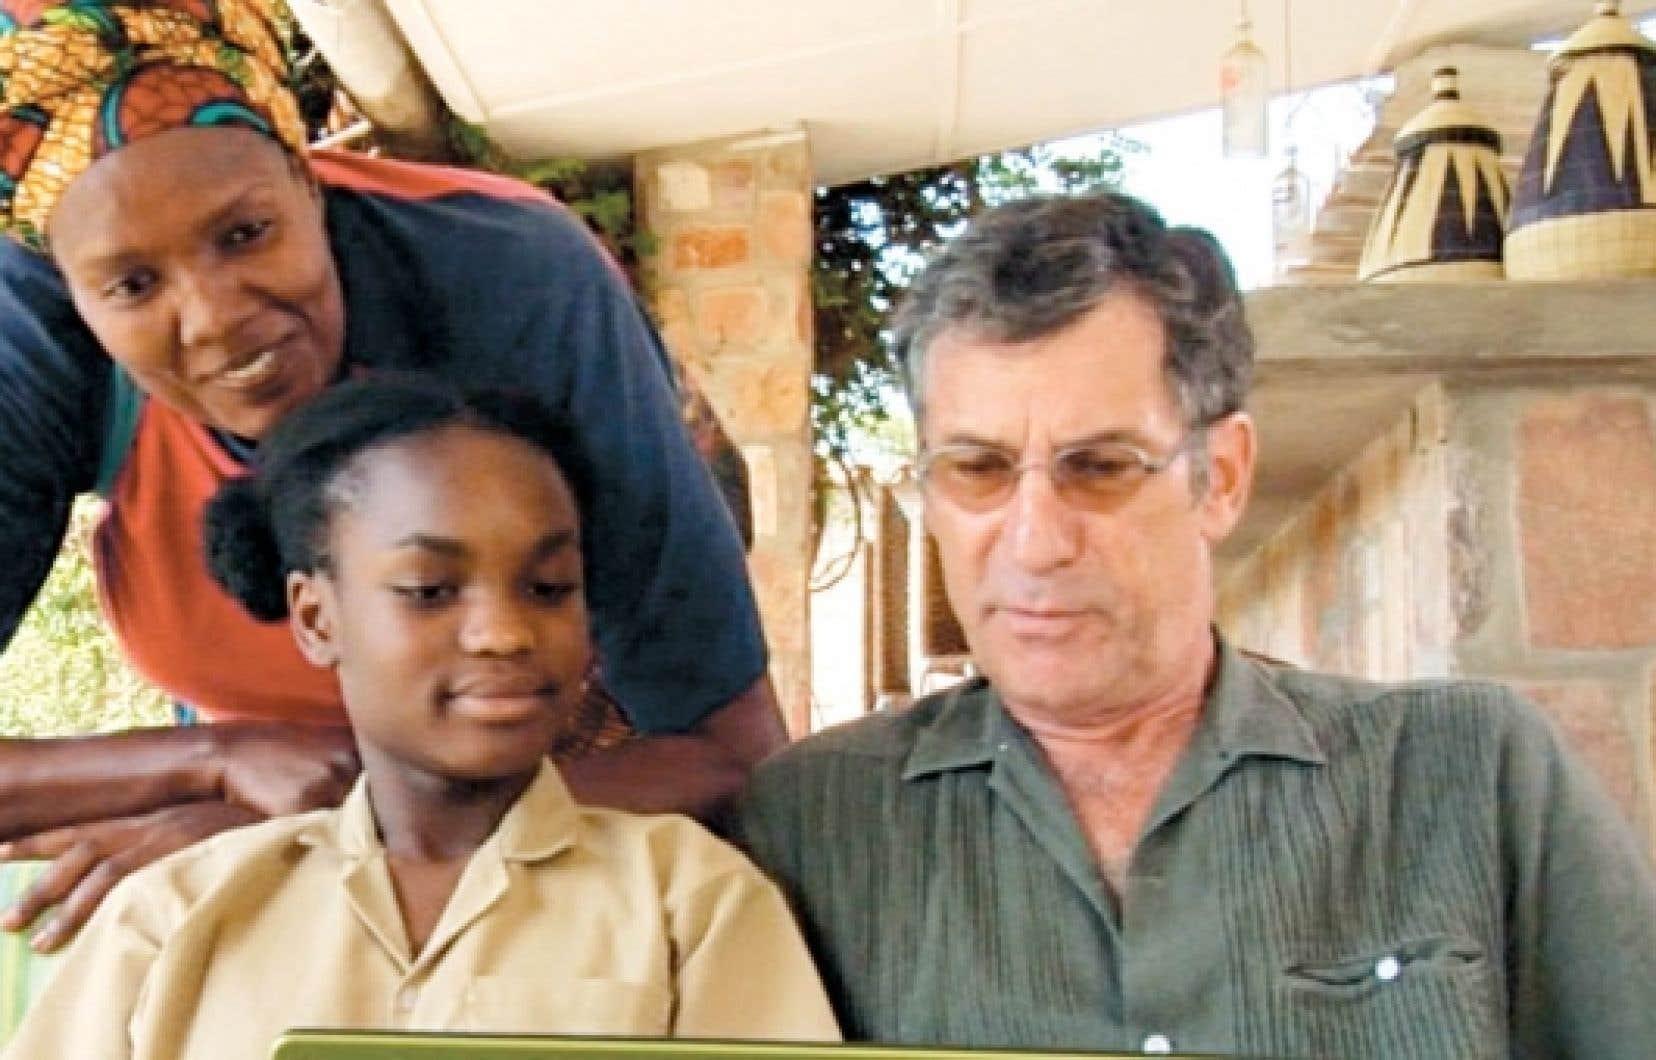 Le réalisateur Robert Morin, alias Jean-Marc Phaneuf, coopérant pour Radio du monde dans la ville imaginaire d'Ujama, quelque part en Afrique.